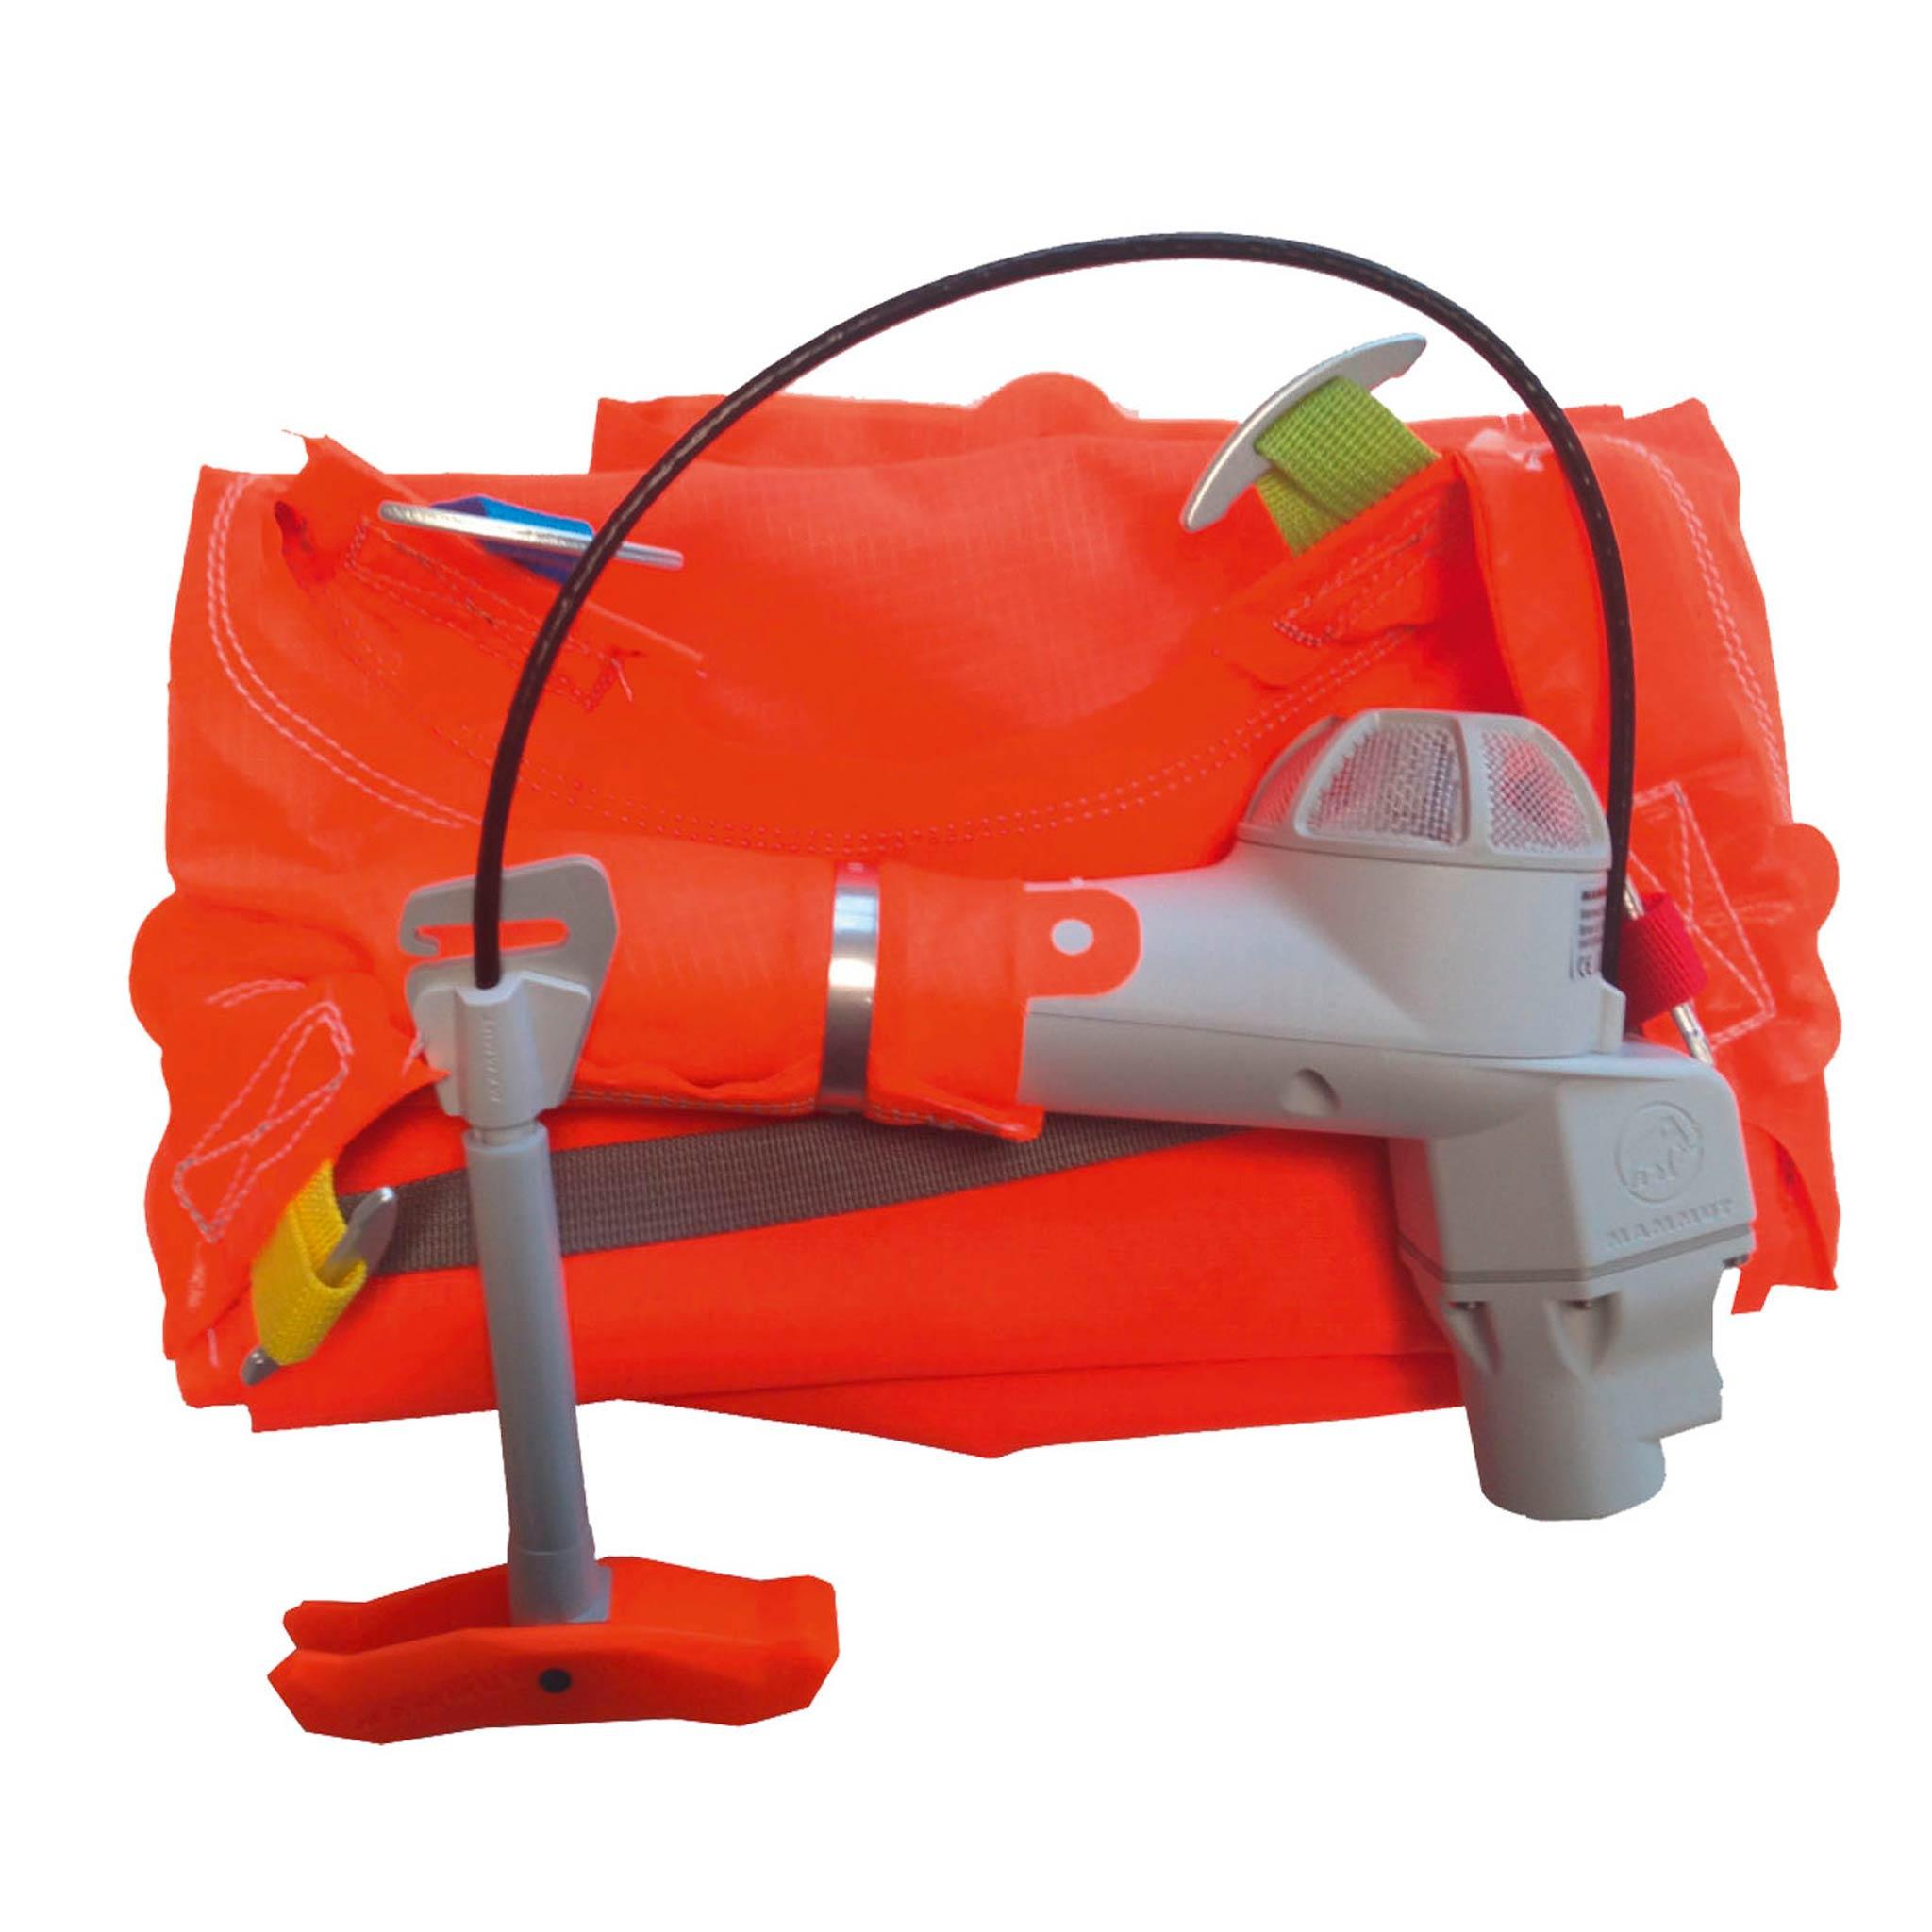 Bei Bedarf kann das extrem leichte und kompakte Airbag-System ausgebaut werden, falls der Rucksack nicht im Backcountry zum Einsatz kommen sollte.